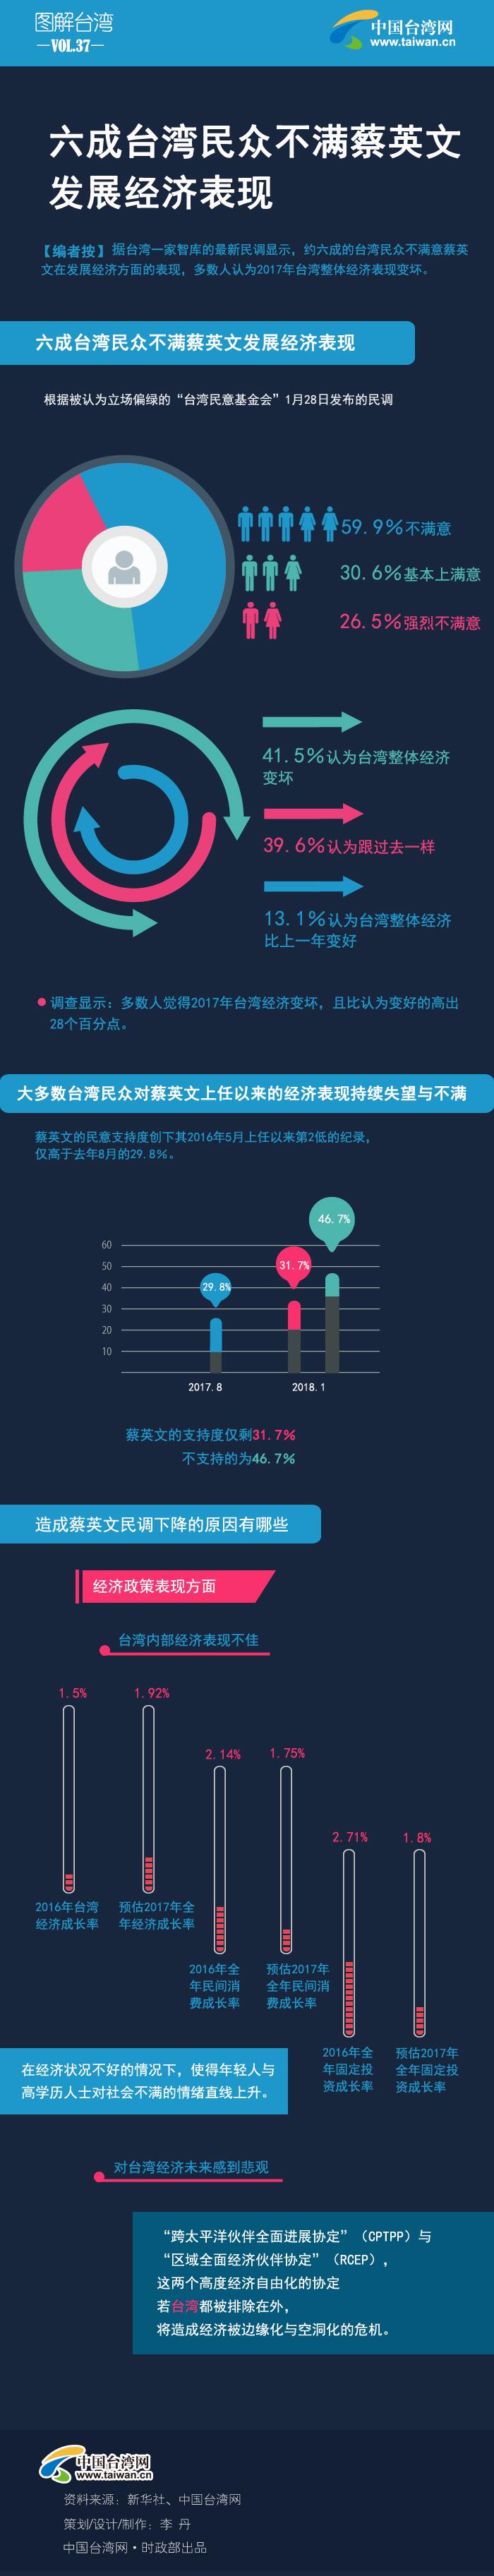 六成台湾民众不满蔡英文发展经济表现